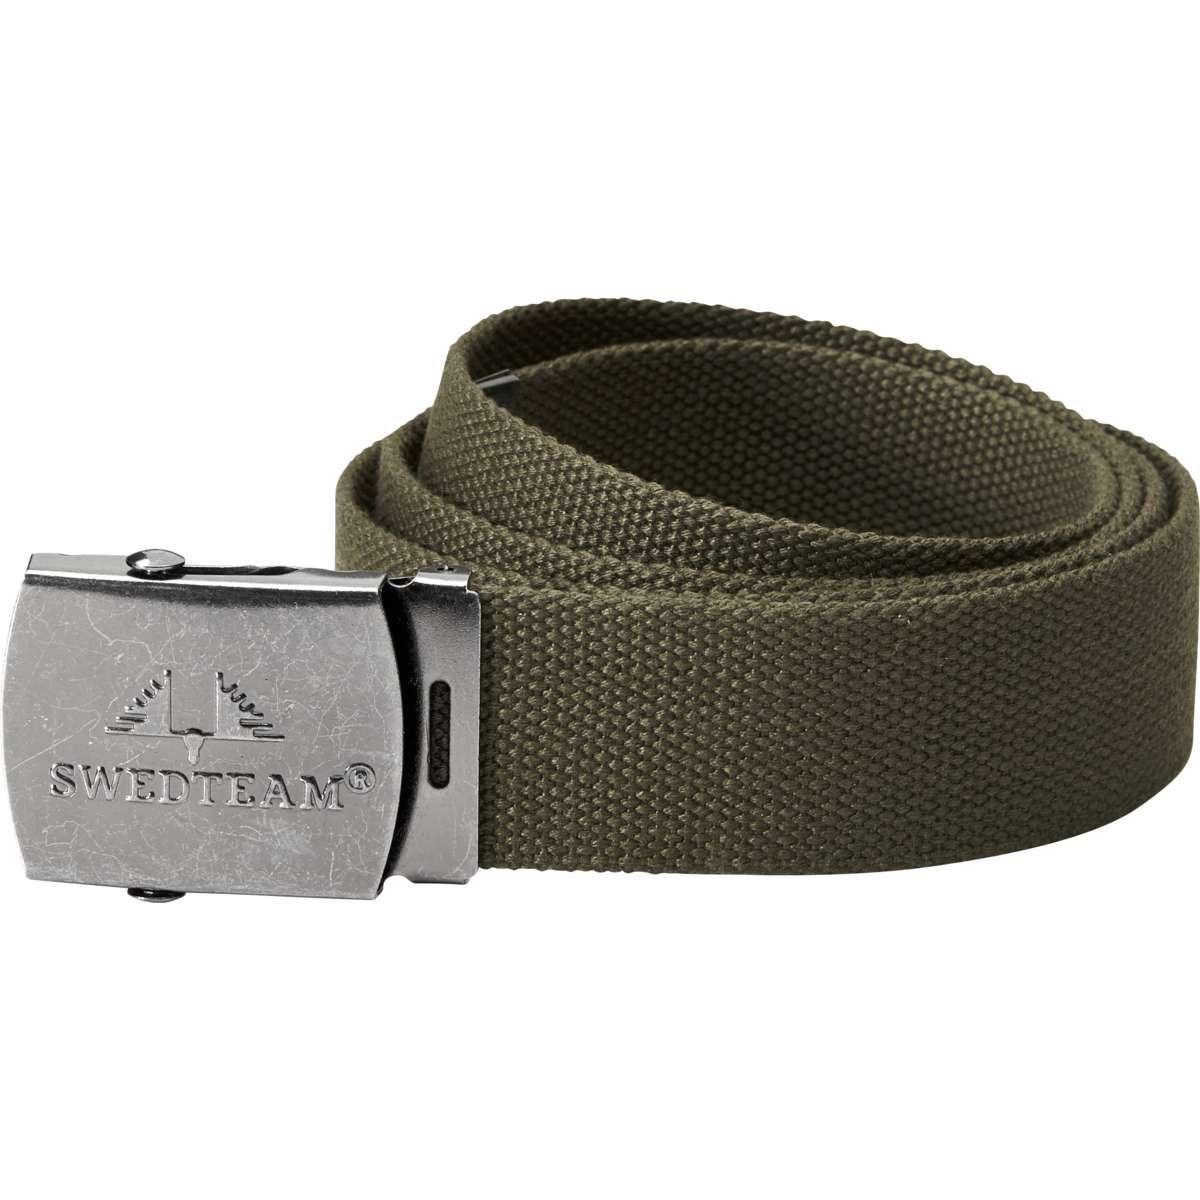 eccezionale gamma di stili e colori scegli l'ultima prezzo speciale per Dettagli su Swedteam Esercito Cintura Verde Verde